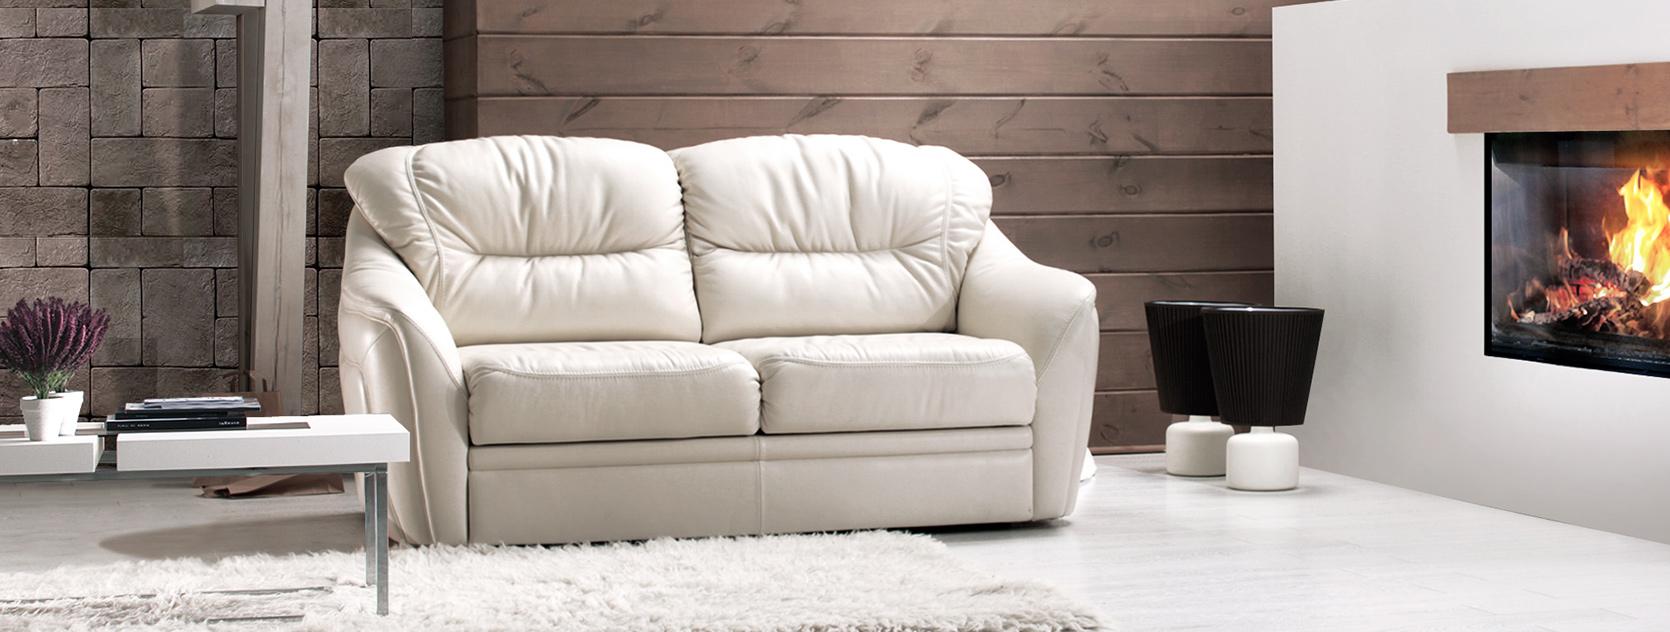 Белый кожаный диван в интерьере